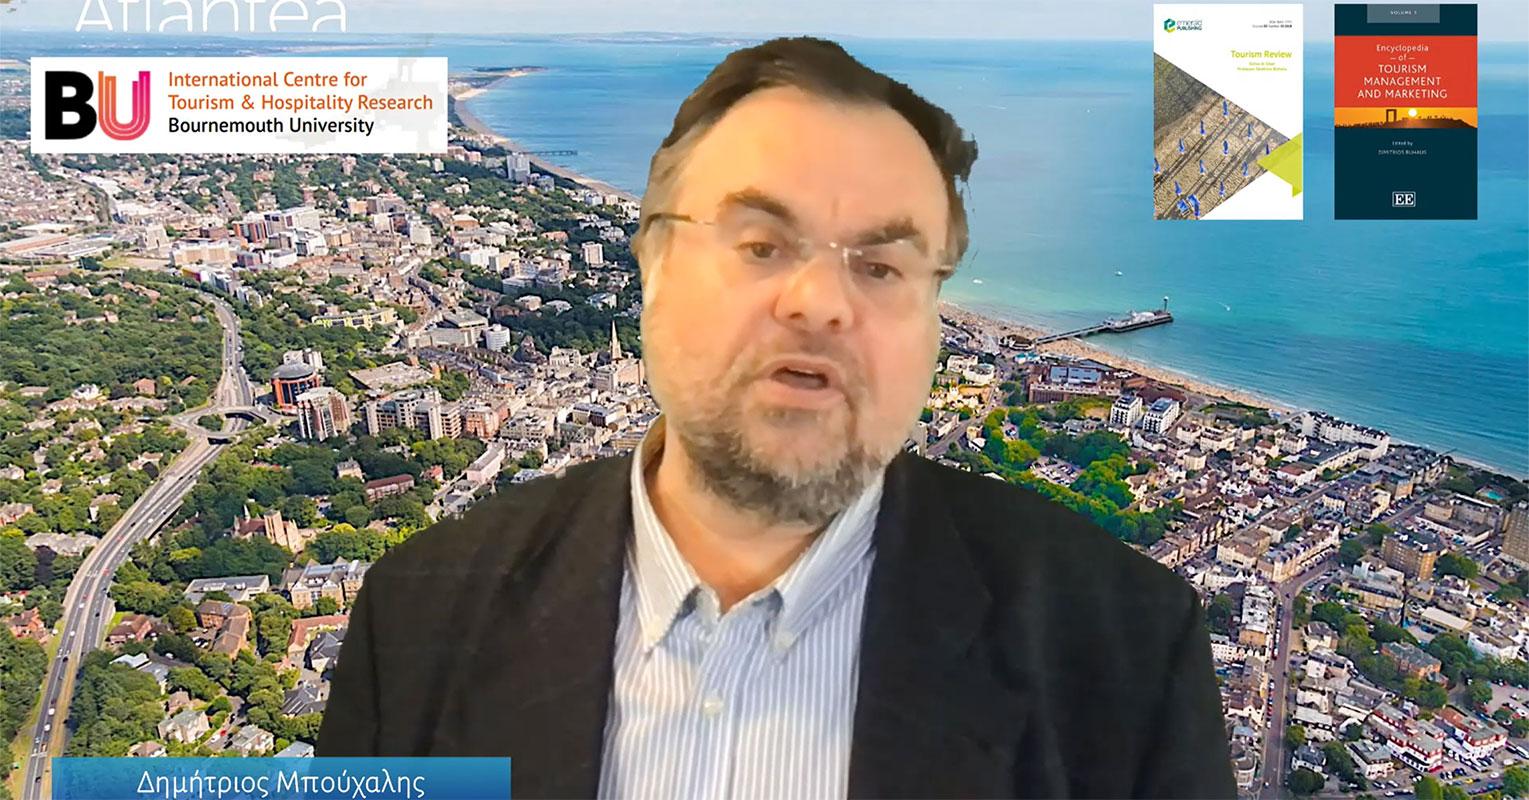 Ο Δημήτρης Μπούχαλης γαι τις προοπτικές του τουρισμού